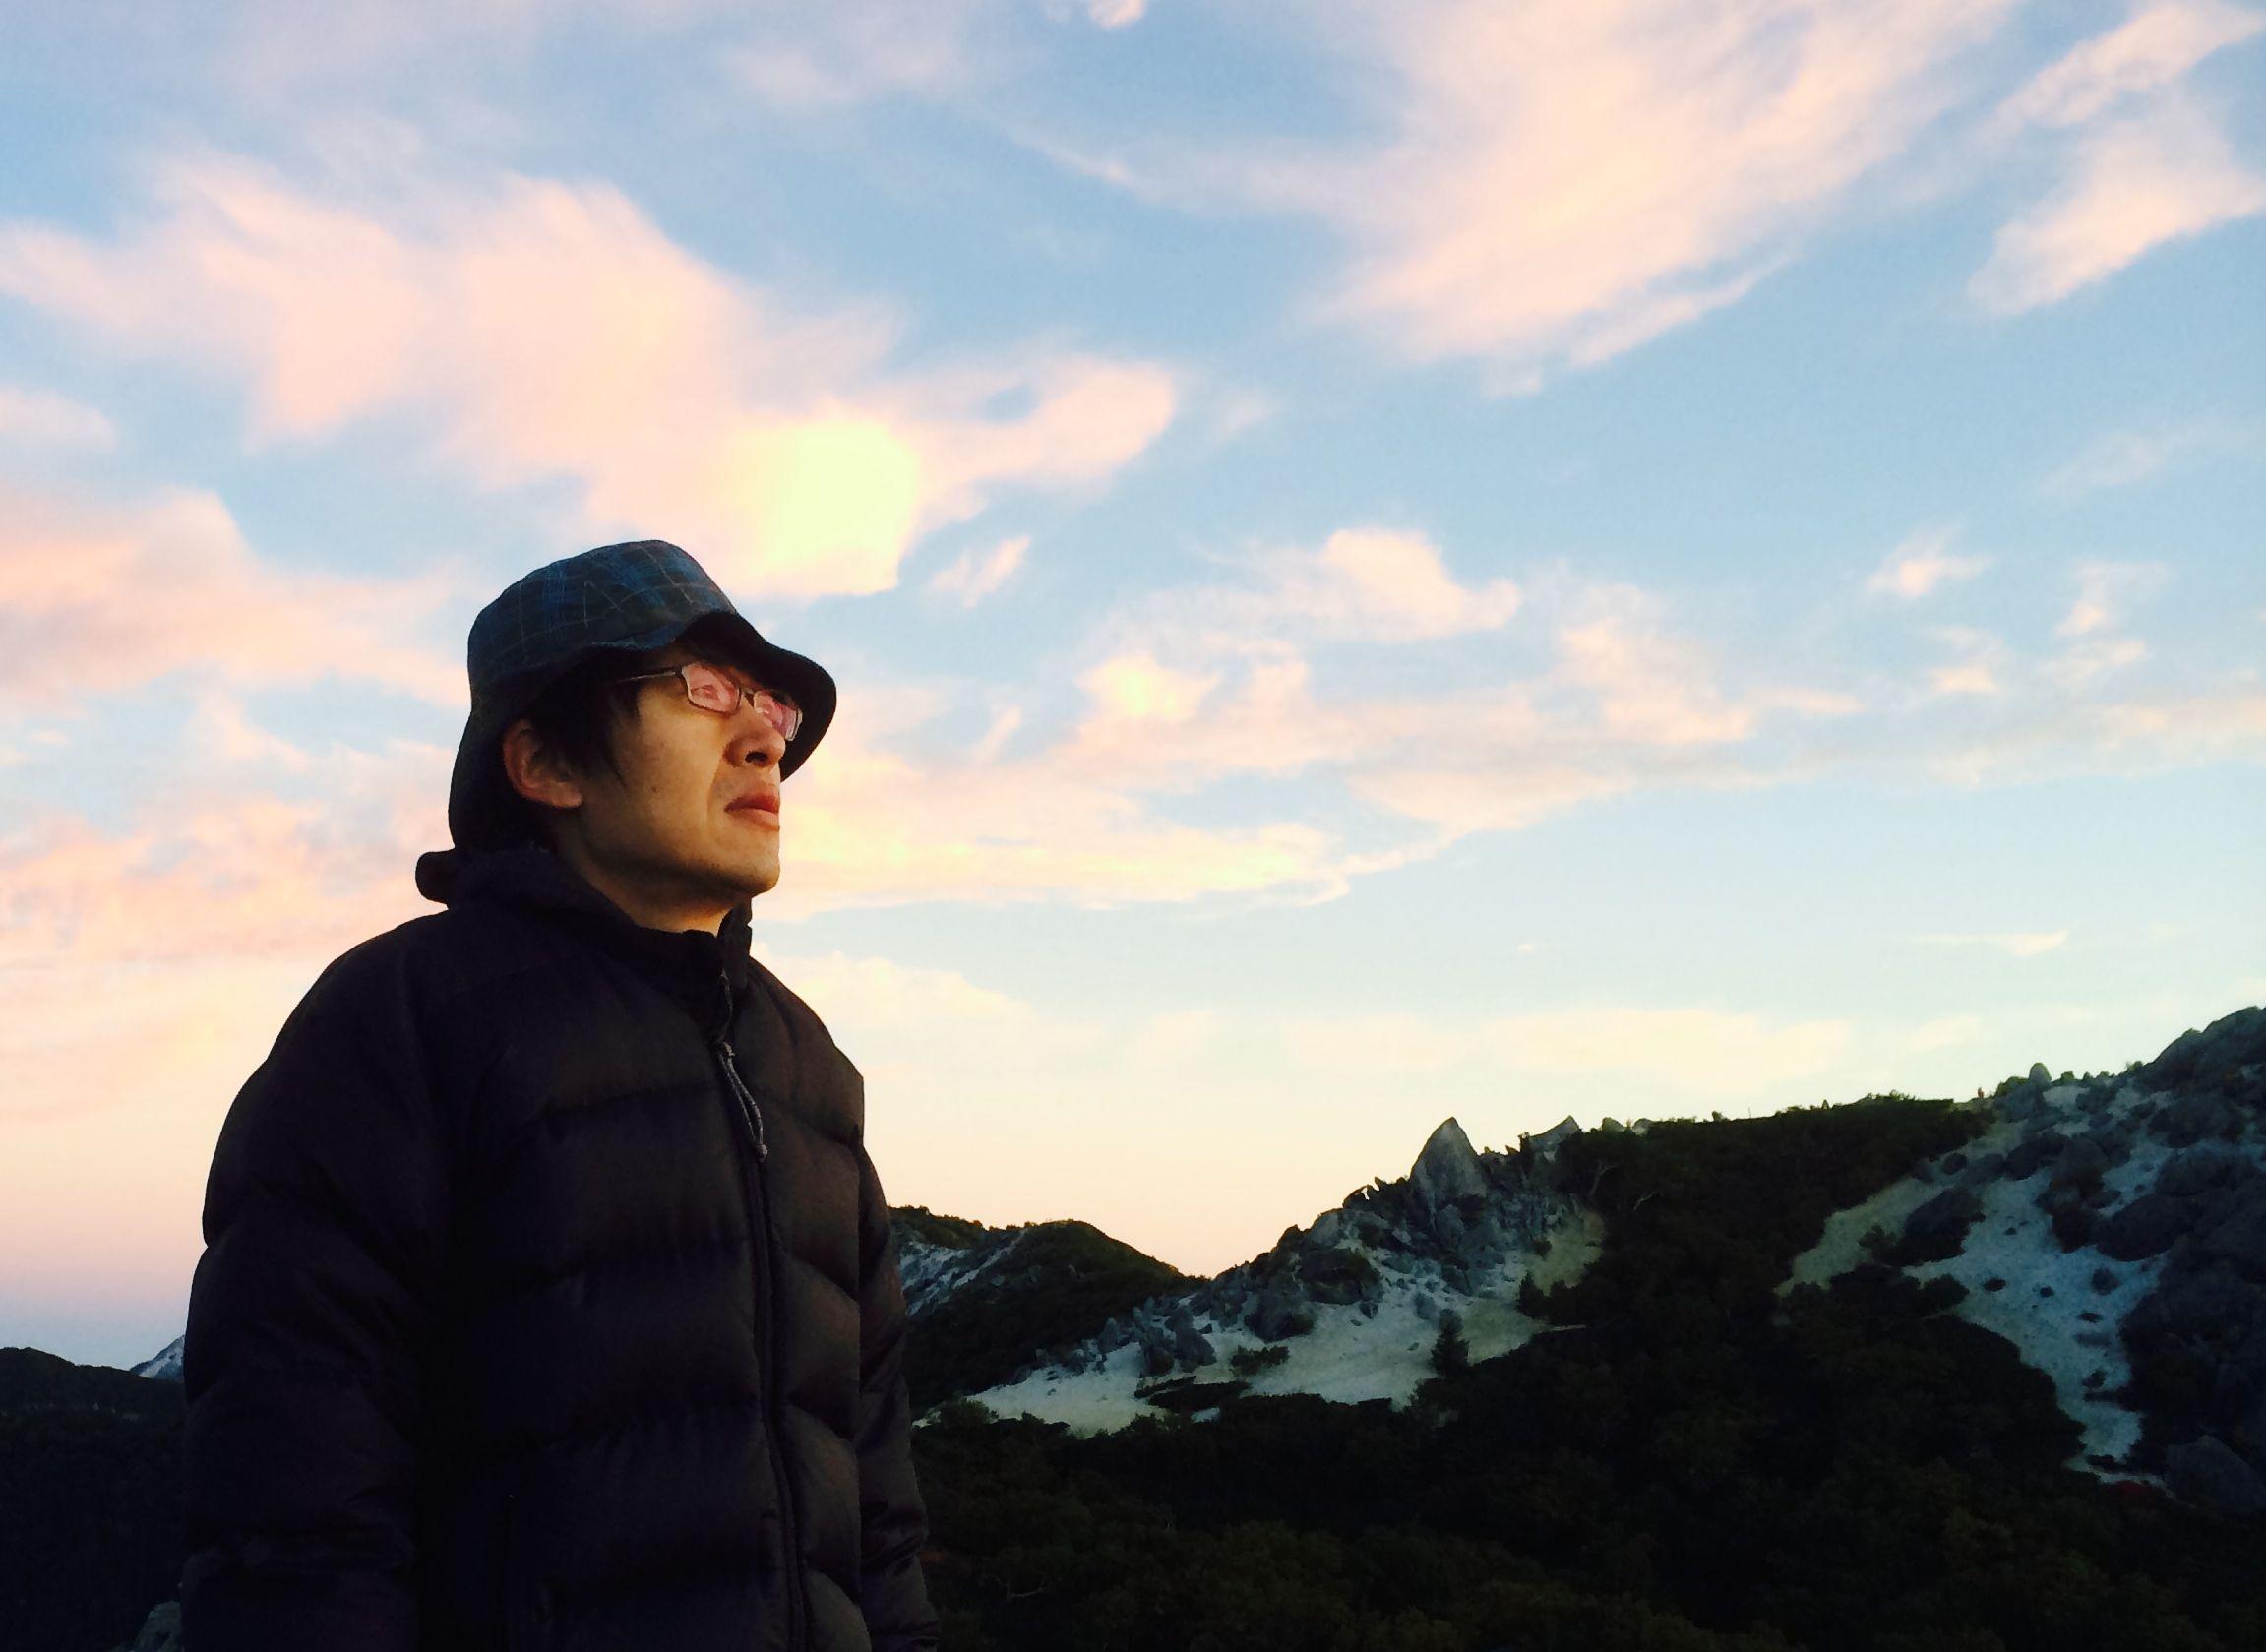 【コラム】「変えていくために、変わっていく」メンバー自己紹介:丸原孝紀